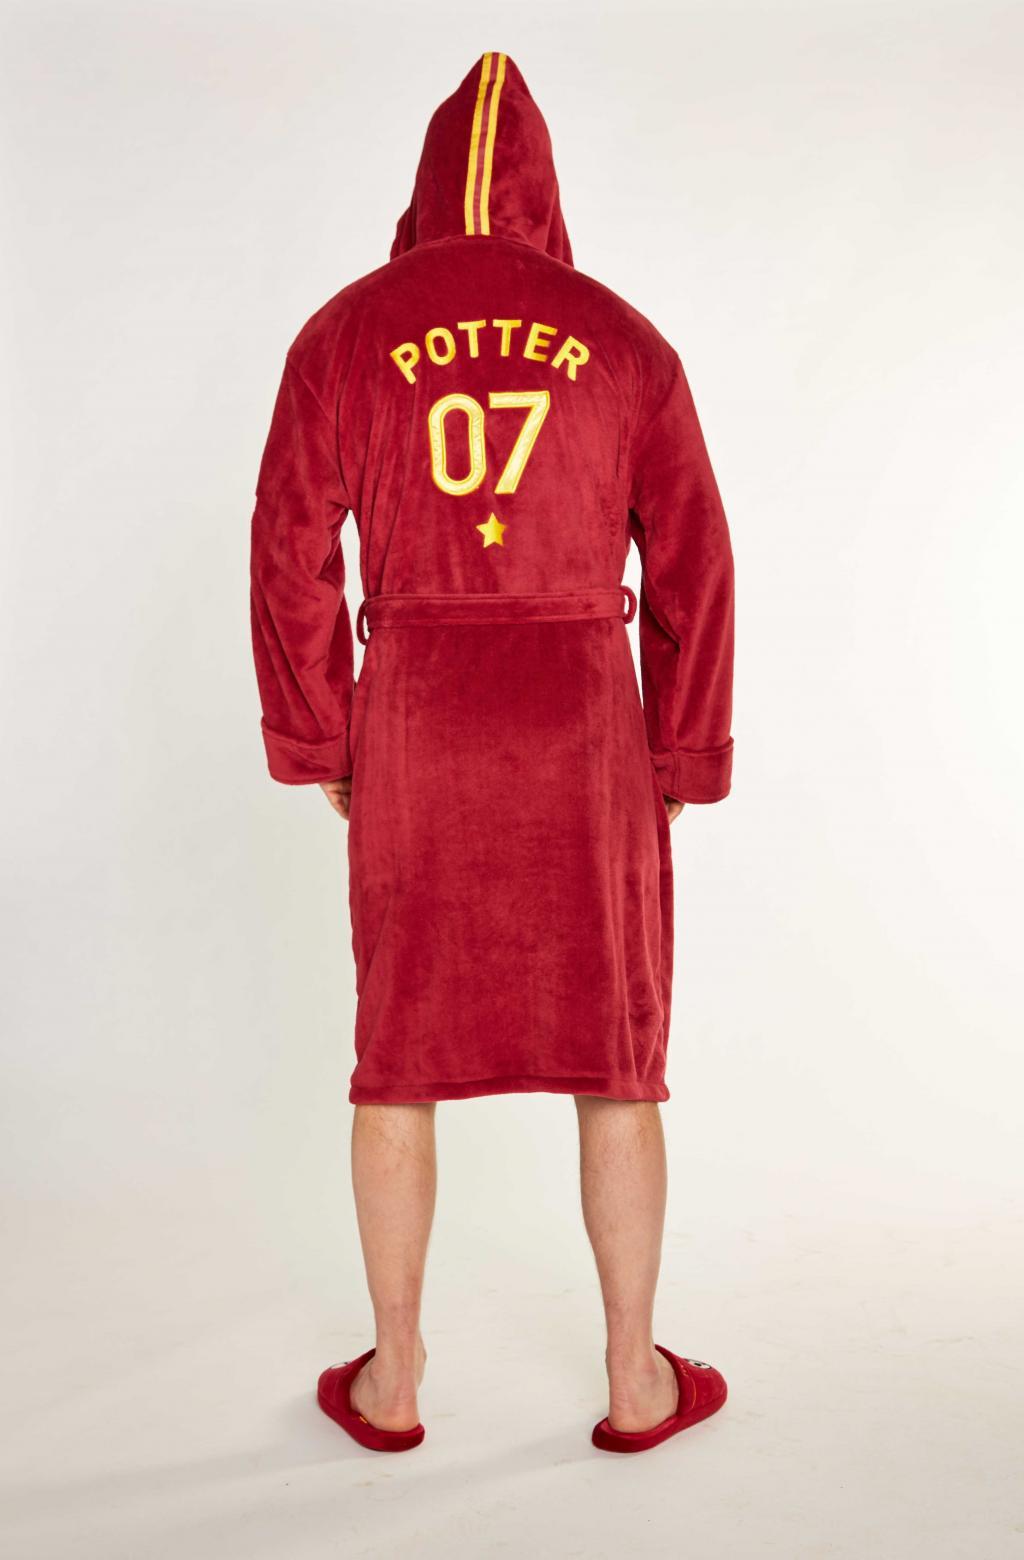 HARRY POTTER - Peignoir Homme - Quidditch - Adulte - Taille Unique_4